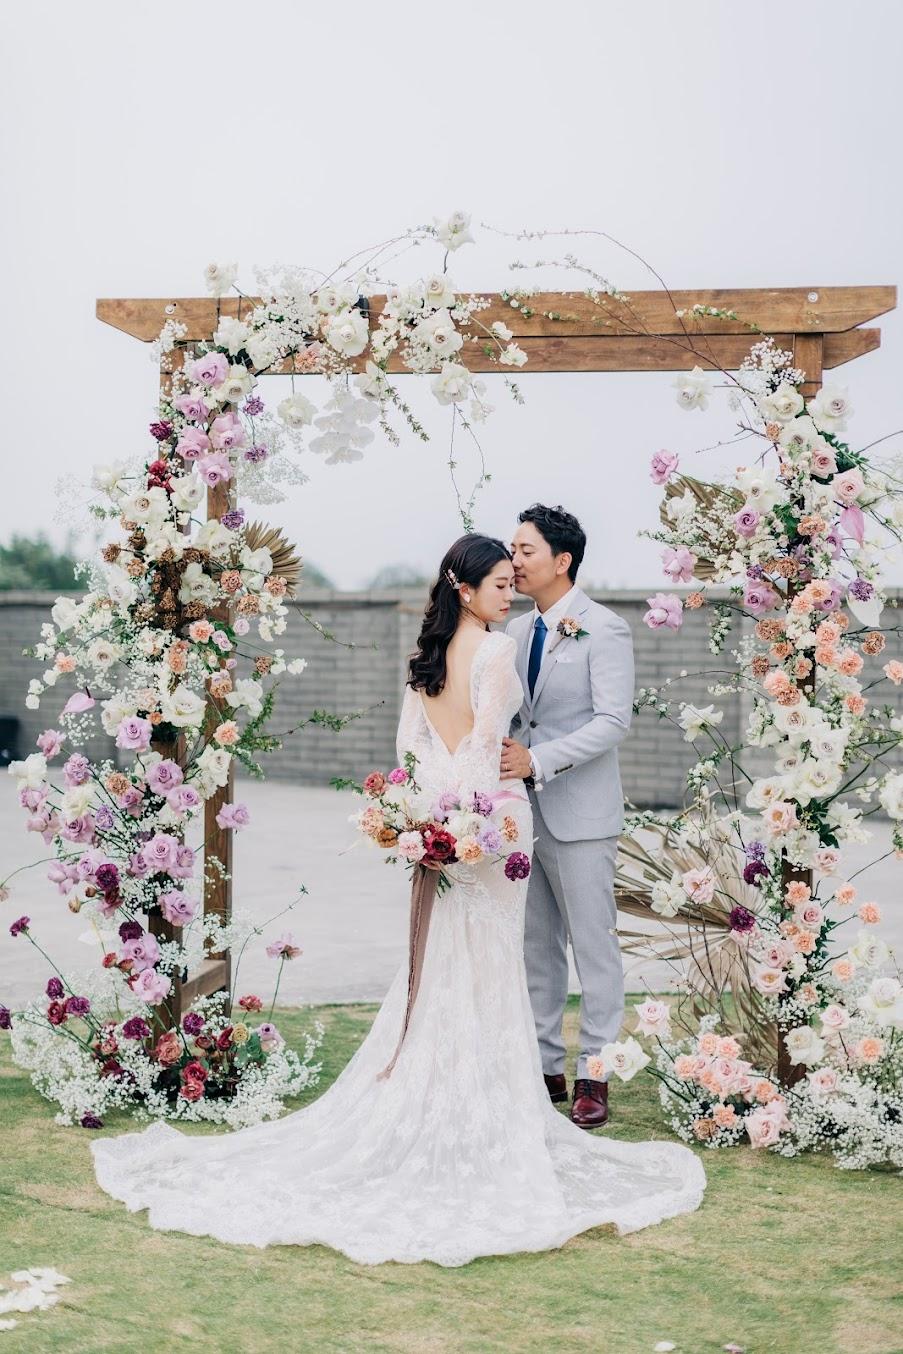 在自家草皮舉行美式的婚禮派對,當然要配AG婚攝 !